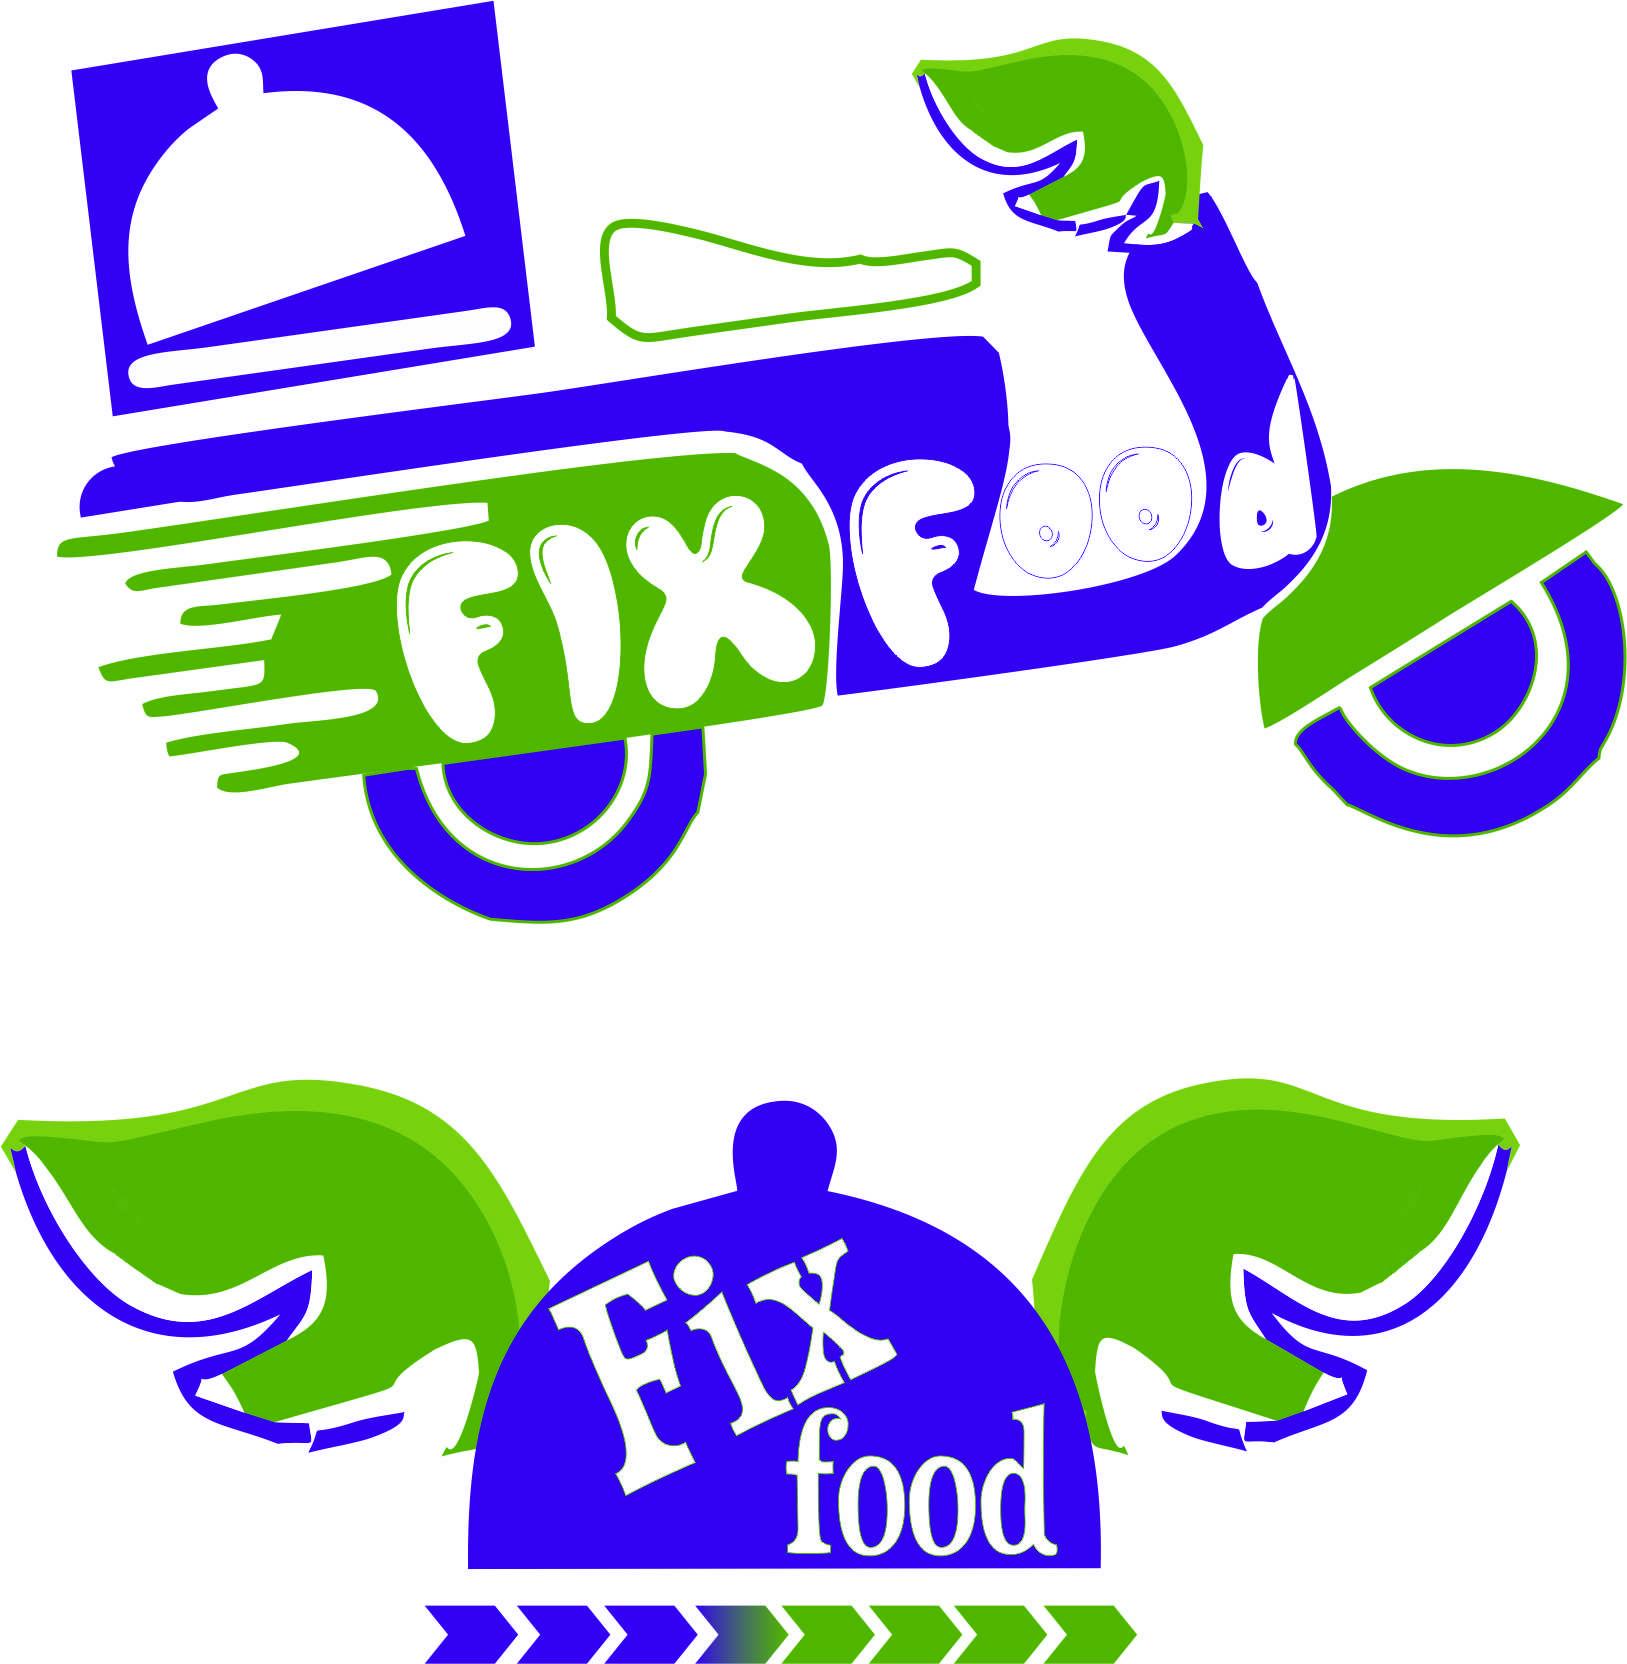 Логотип для доставки еды фото f_6615ec25db929d6c.jpg